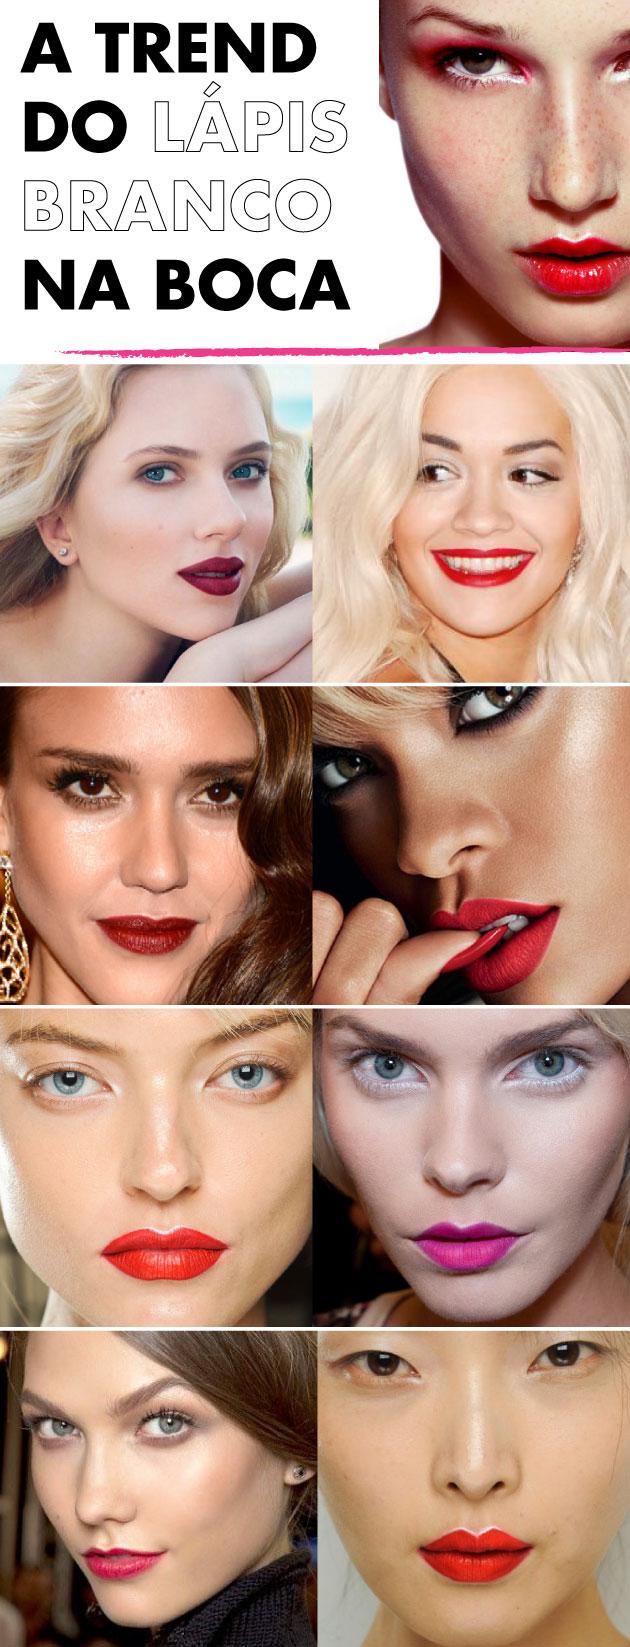 tendencia-beleza-trend-beaute-lapis-branco-controno-labio-white-lip-liner-celebridades-batom-vermelho-boca